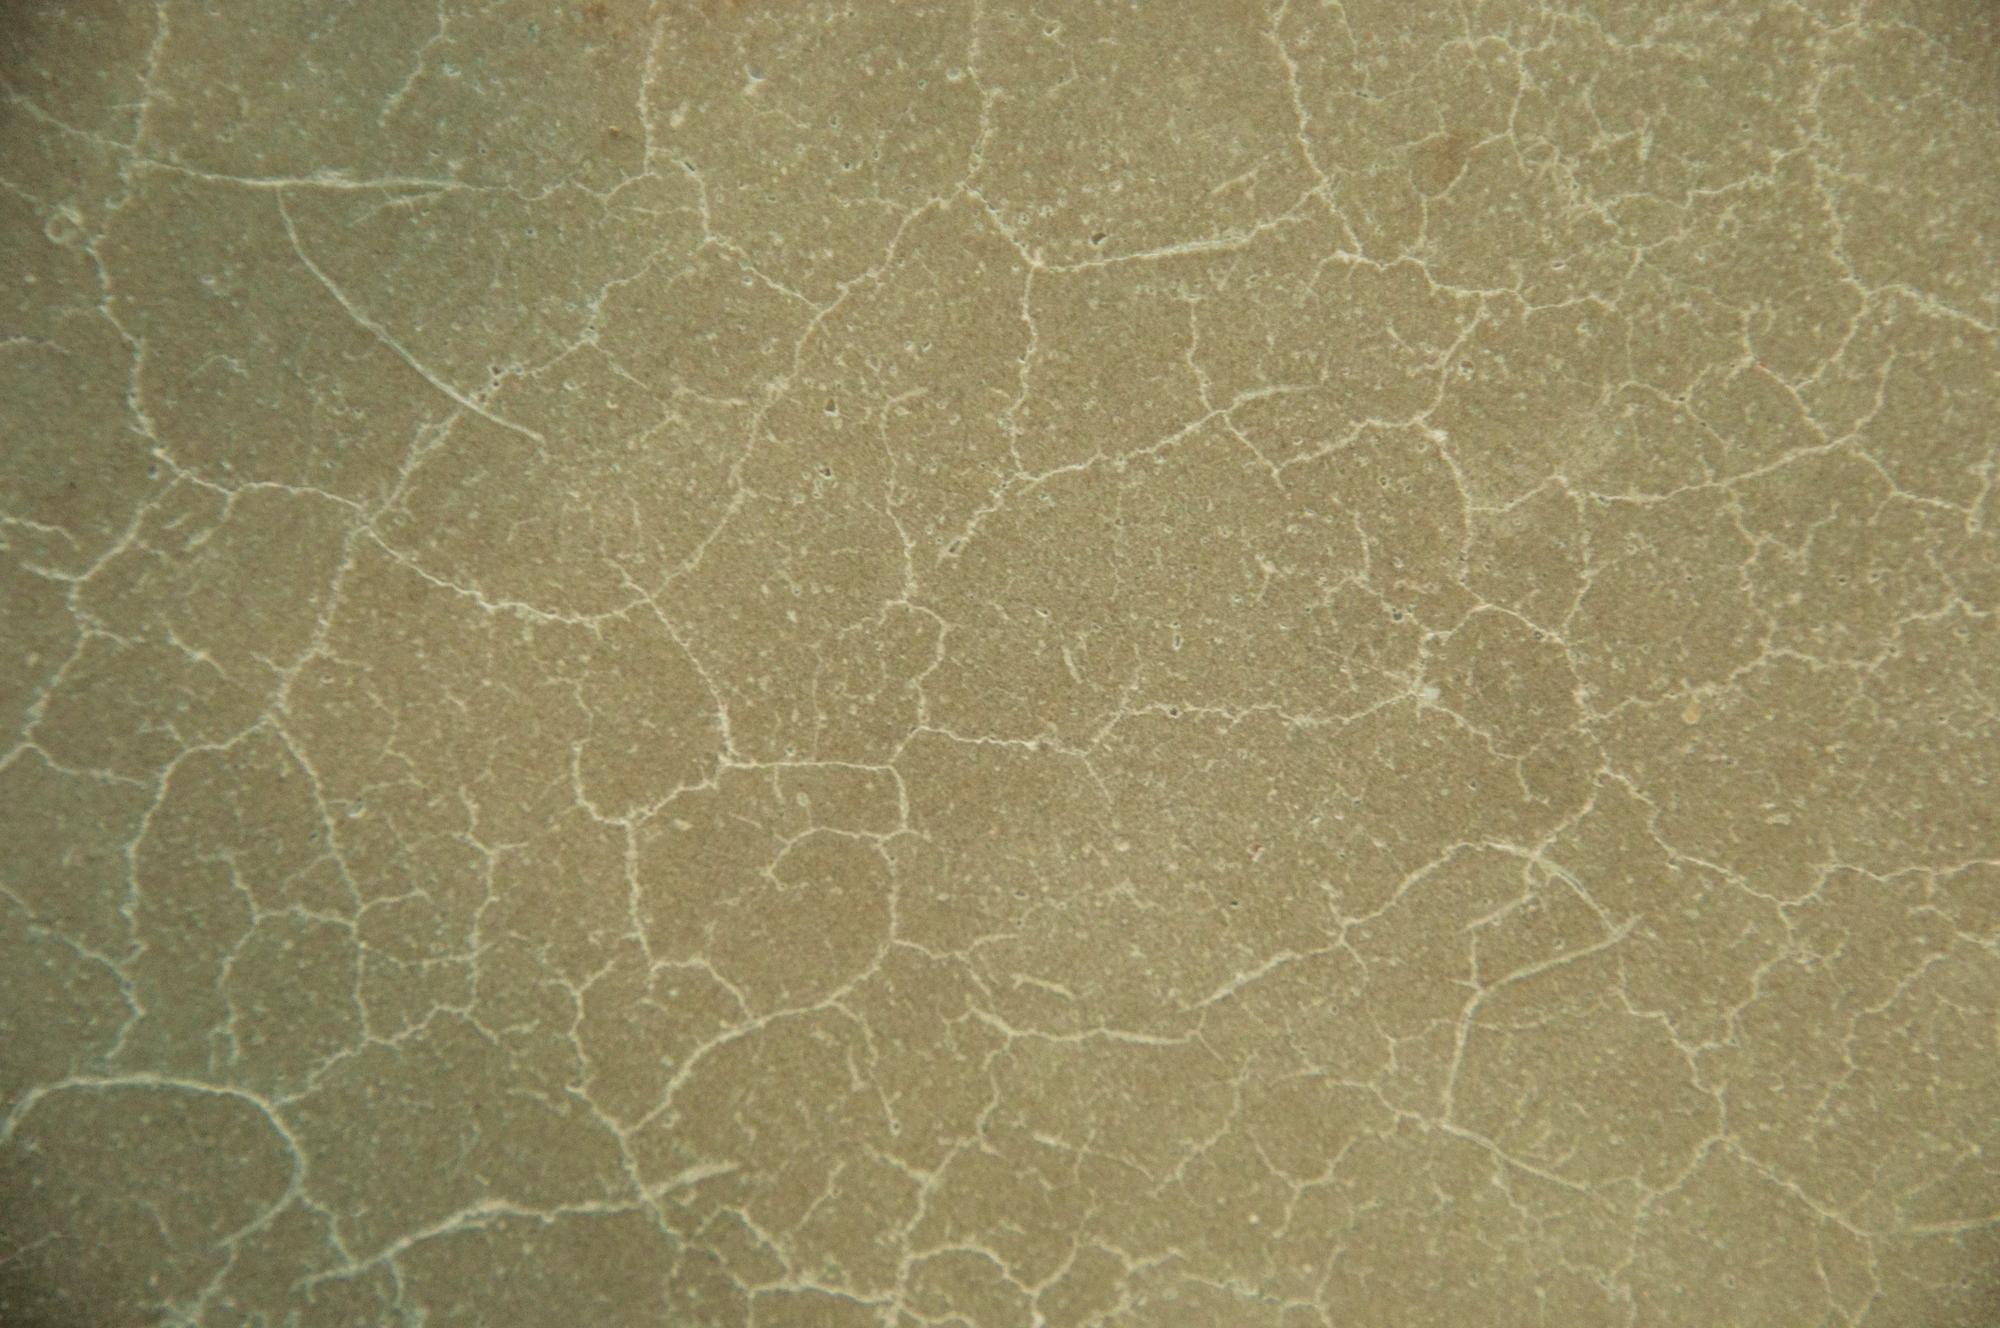 Craze Cracks Concrete Construction Magazine